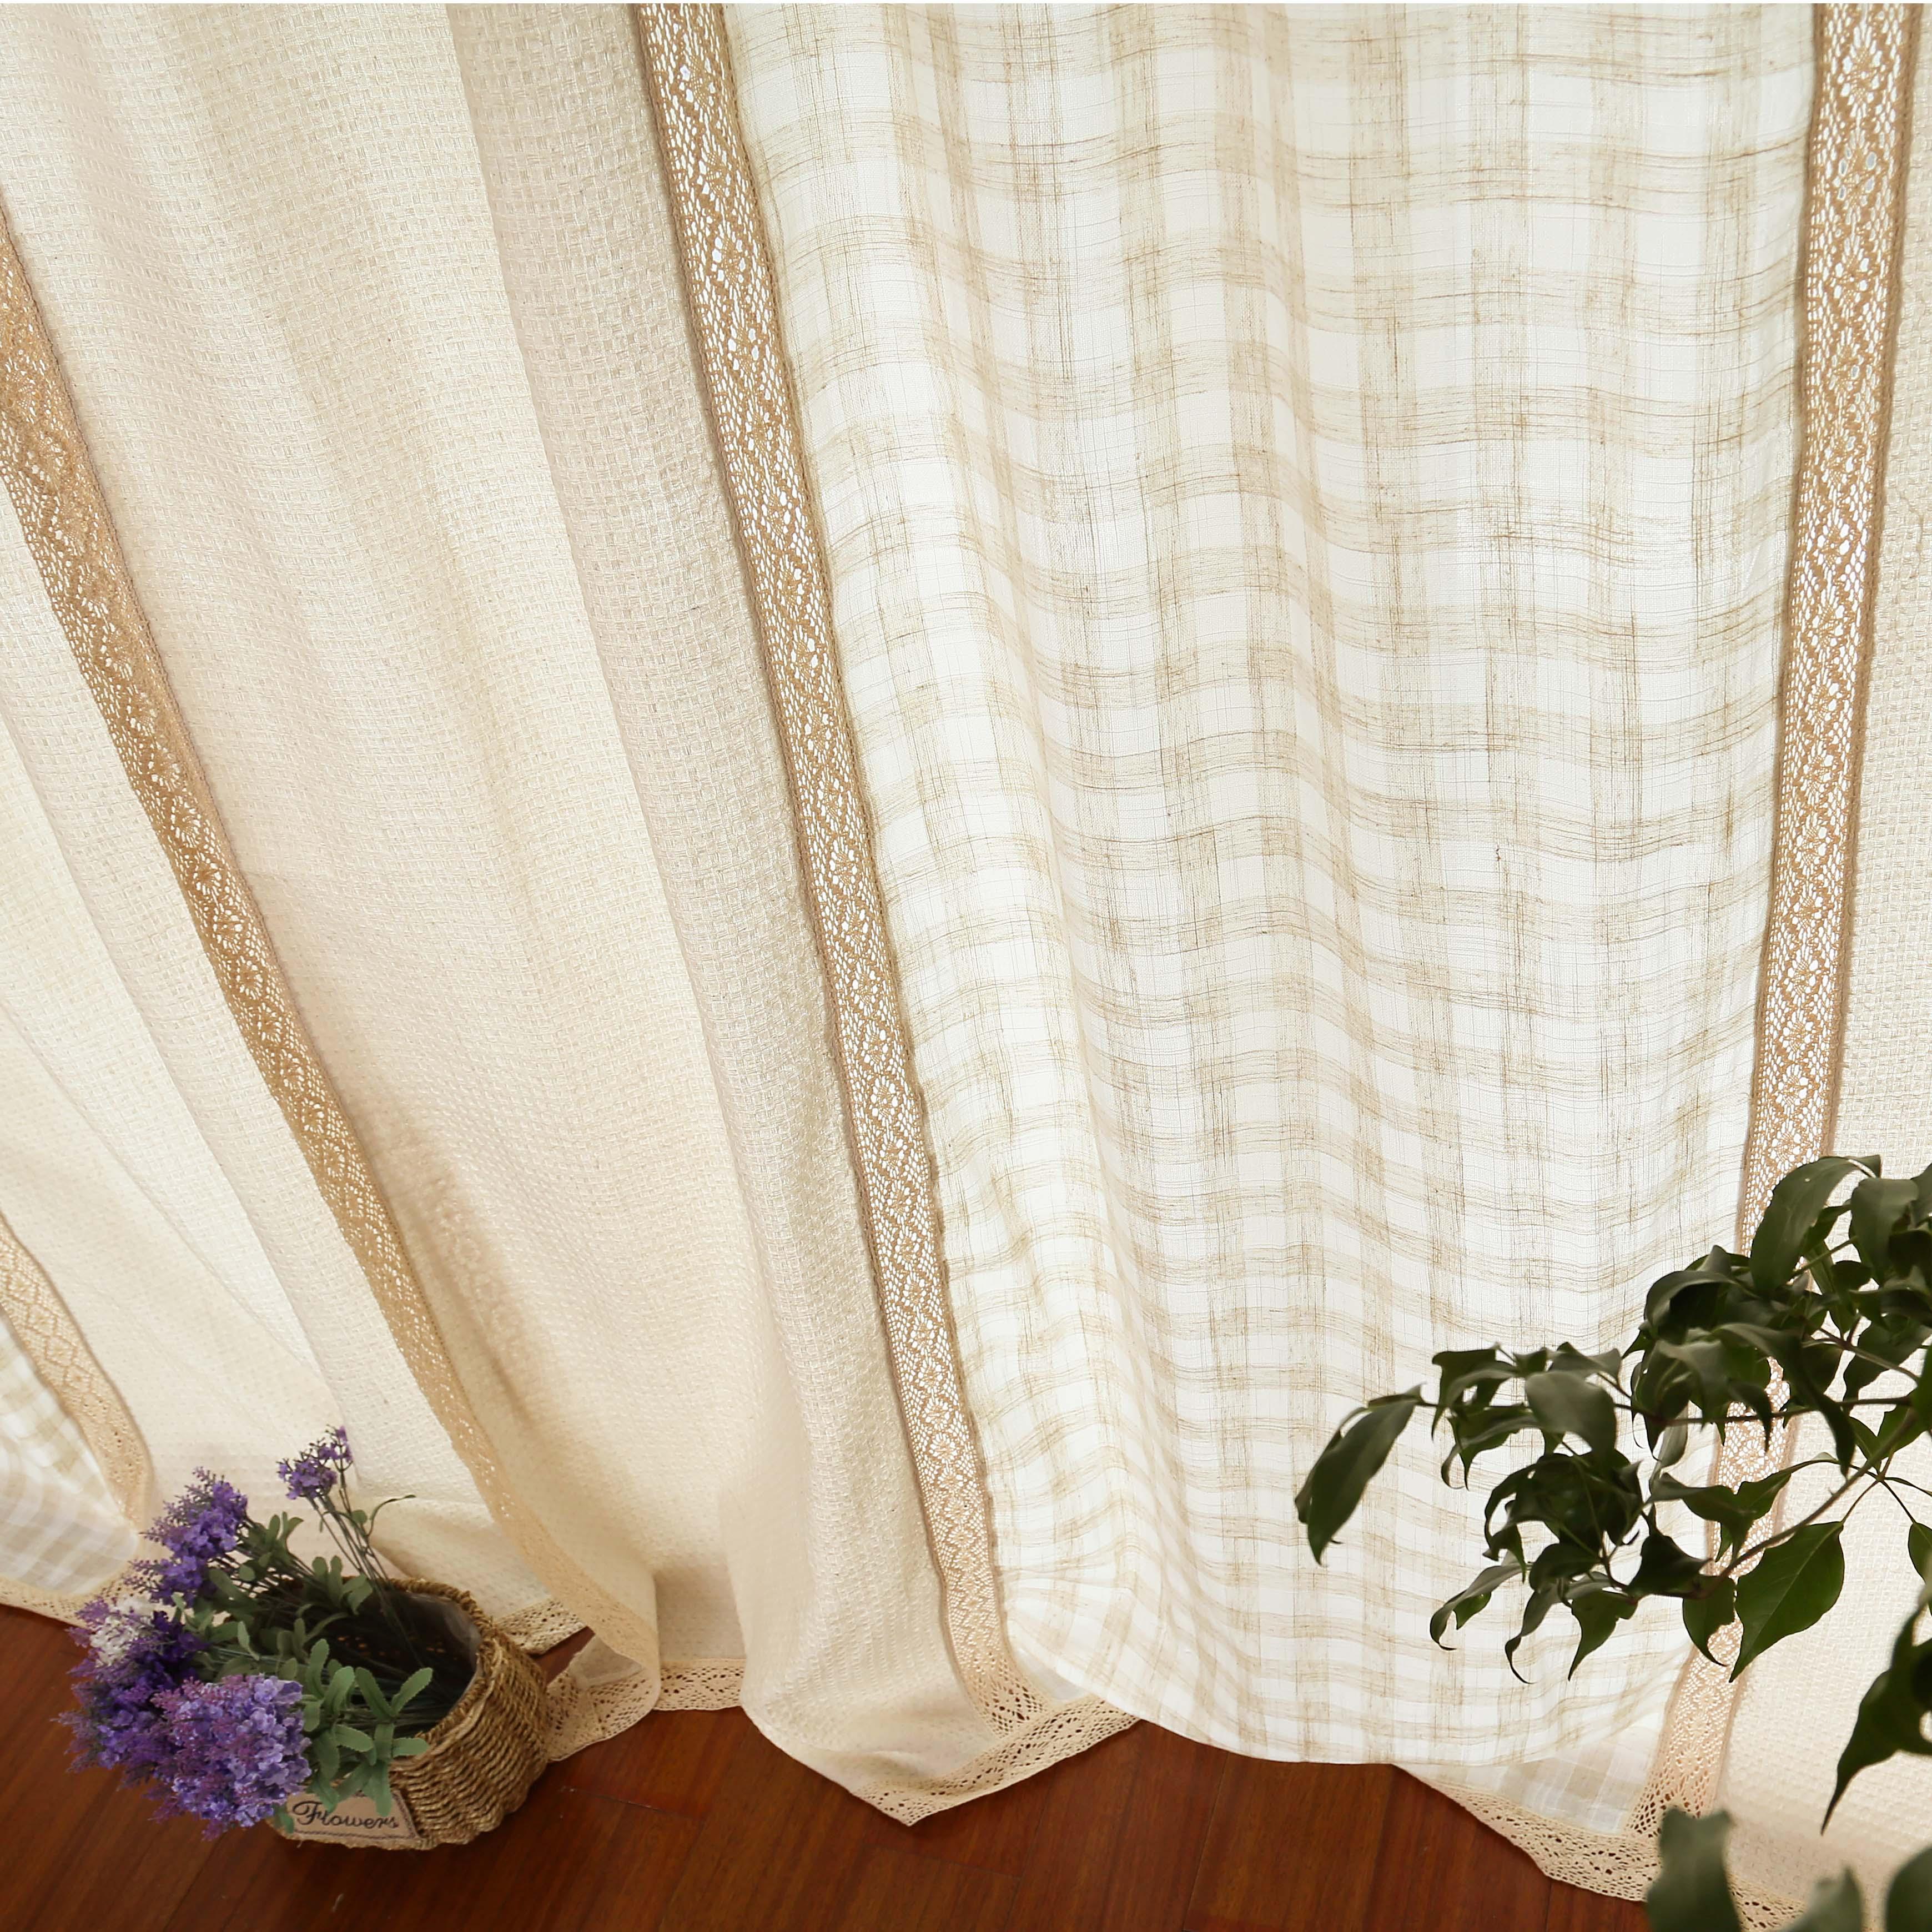 Готовые шторы 外贸欧式美式简约 米色棉麻格子 客厅卧室成品窗帘窗纱 可定制